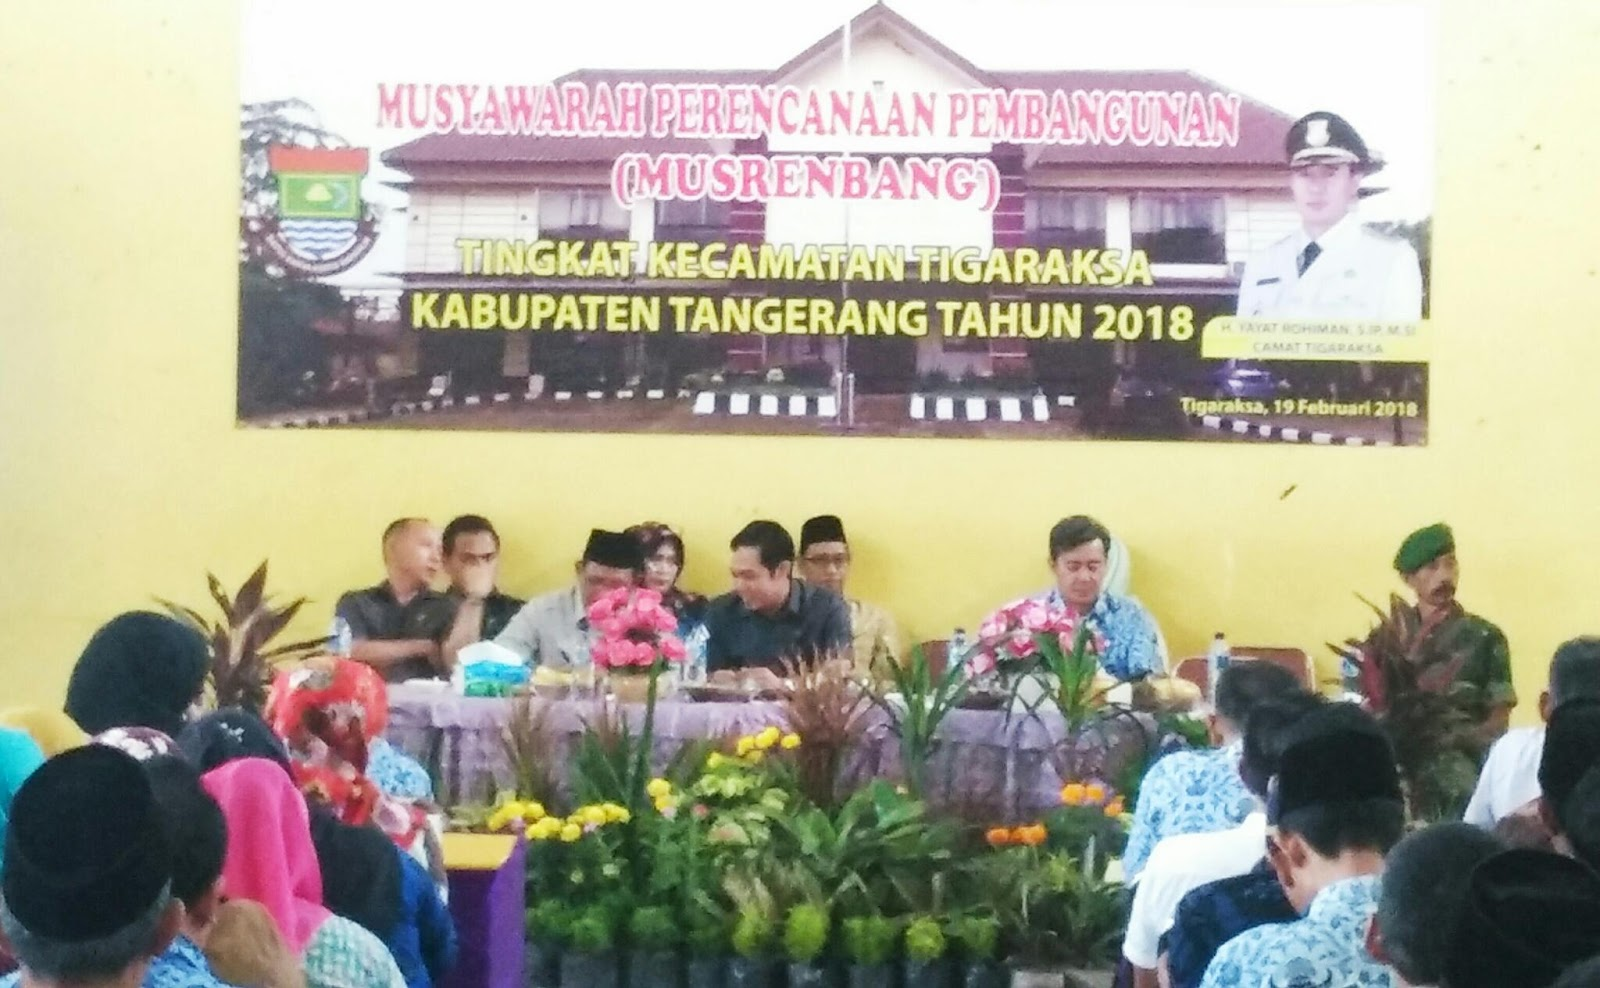 Acara Musrembang Kecamatan Tigaraksa Tahun 2018 Pioritaskan Tangerang Musyawarah Rencana Pembangunan Tingkat Yang Di Laksanakan Kec Kab Berlangsung Pada